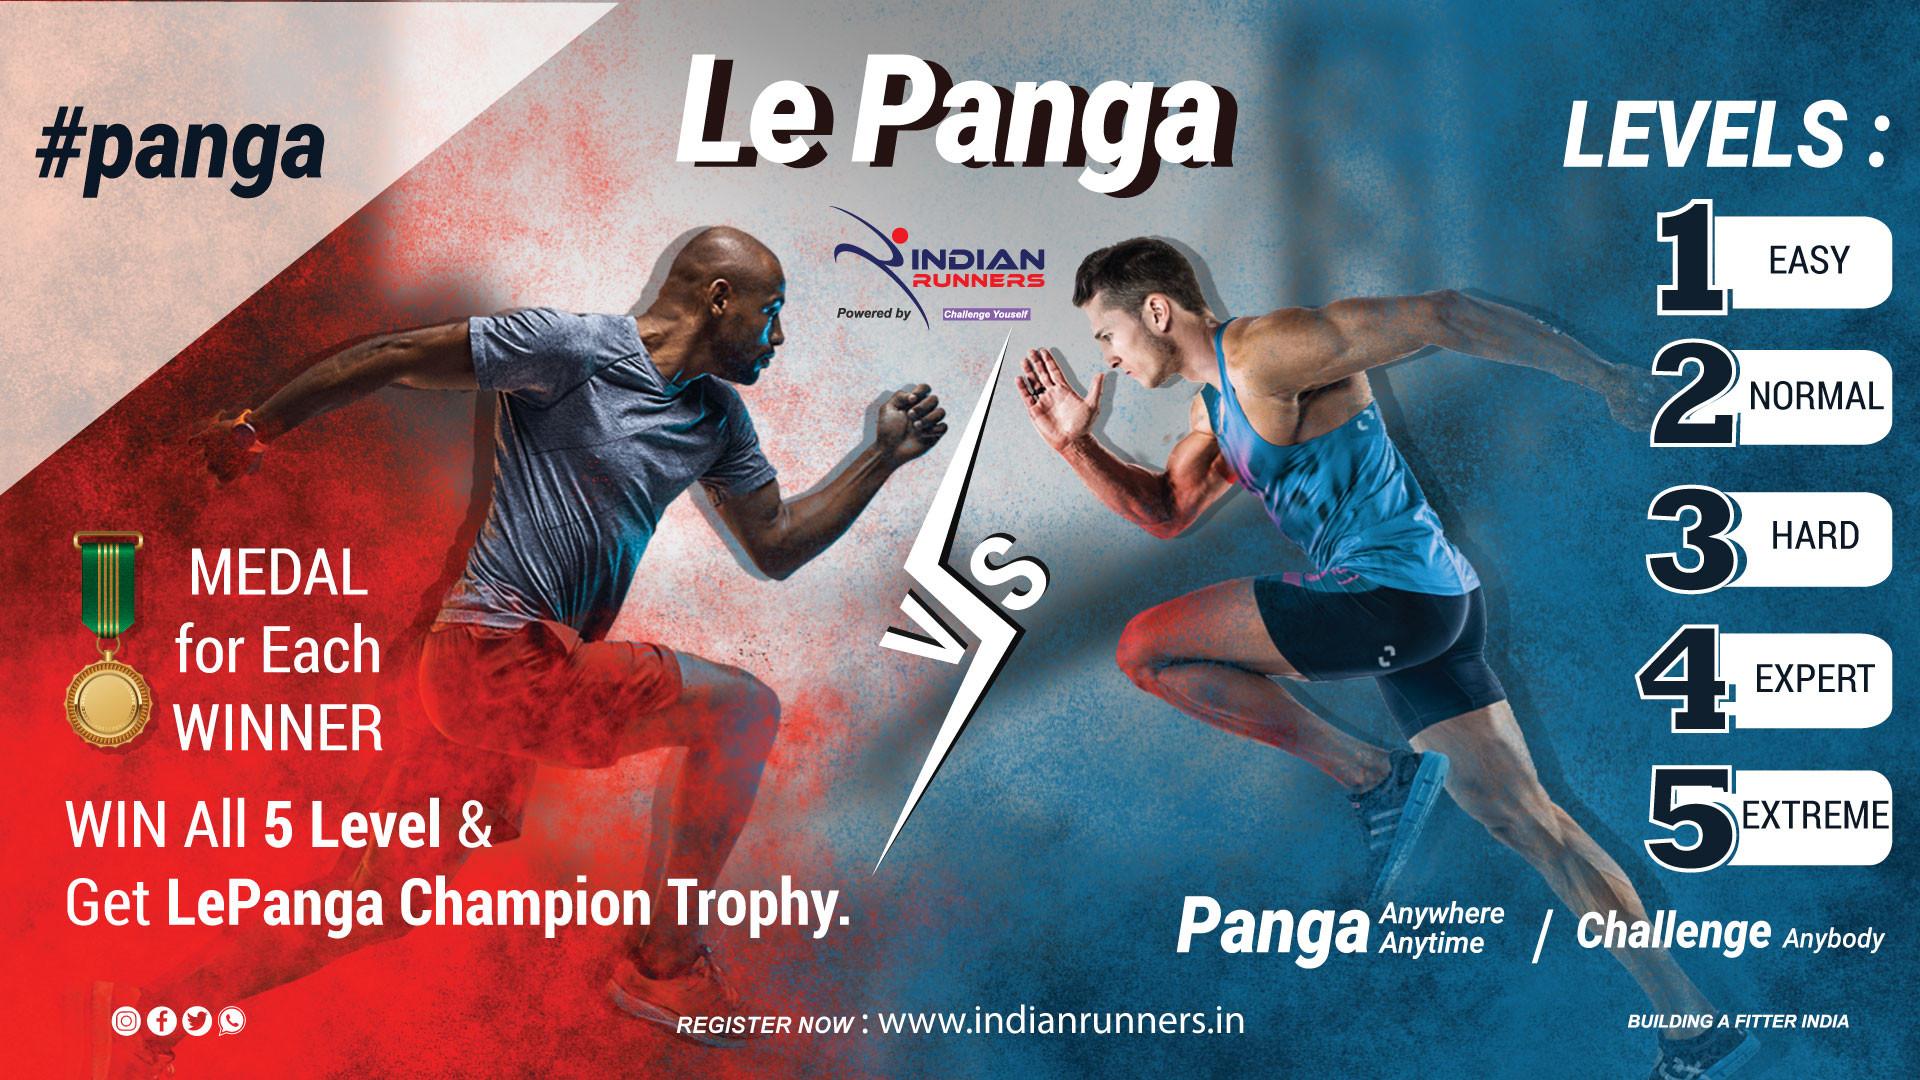 Le Panga 2020 image